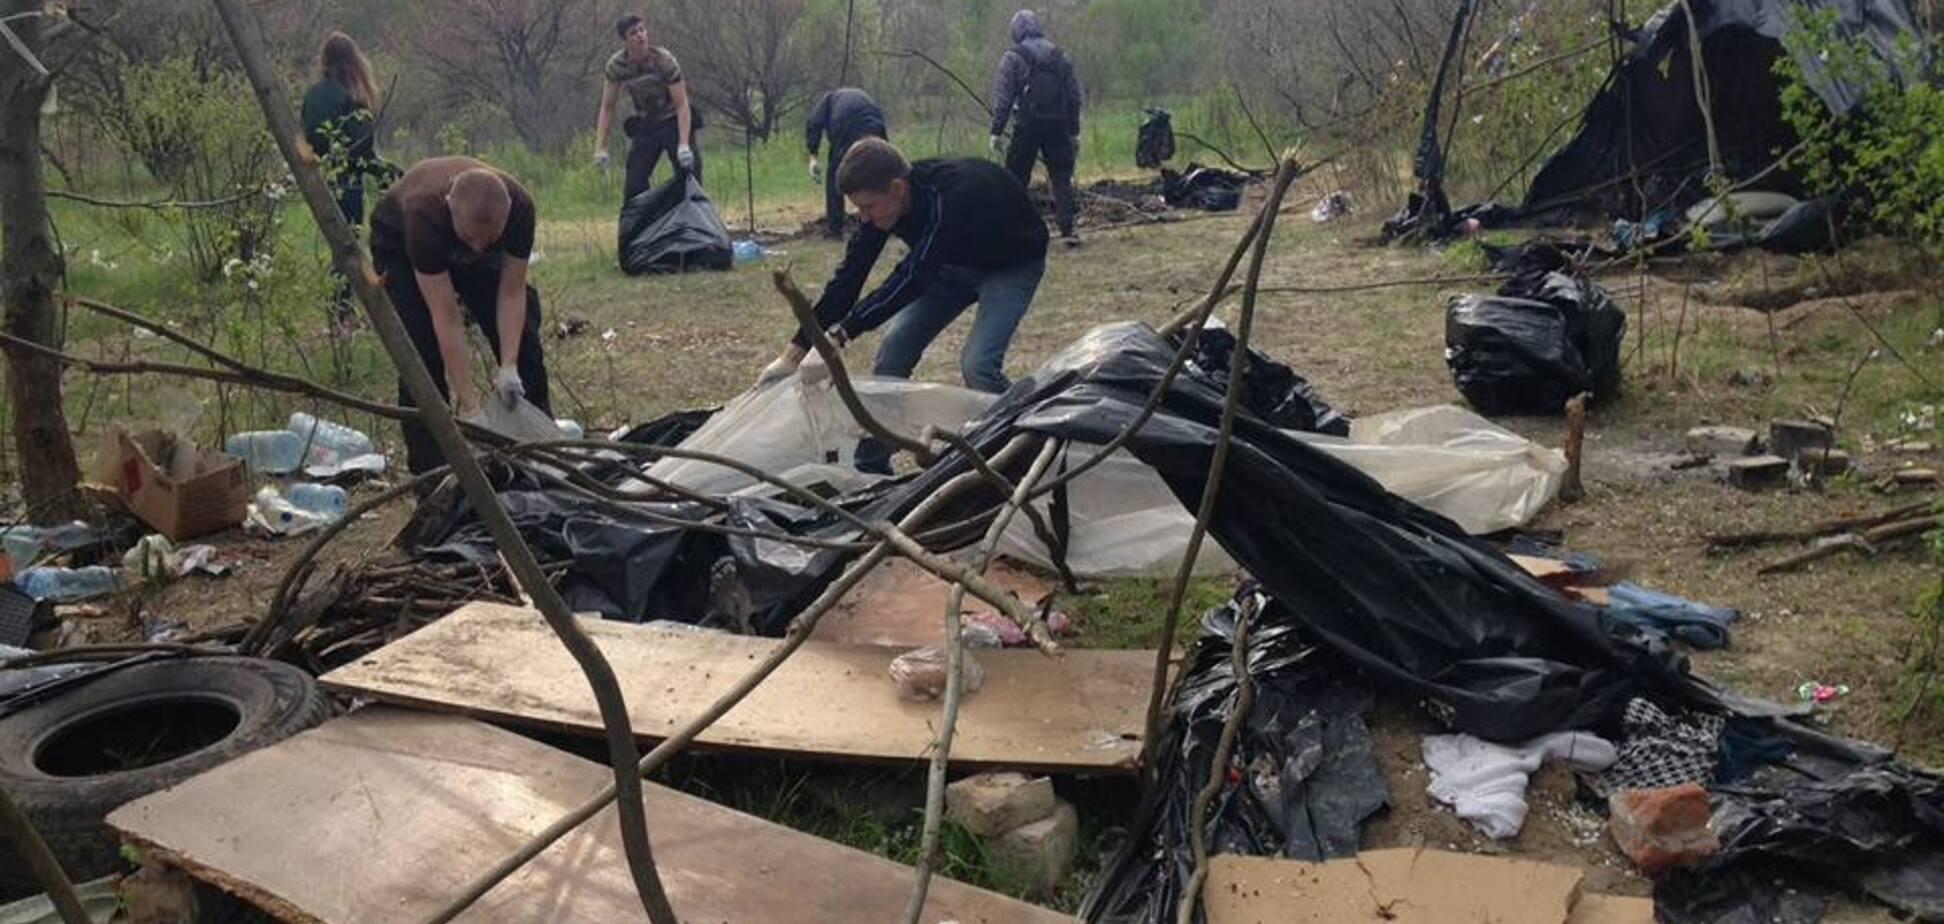 Що залишилося від табору ромів після погрому в Києві: опубліковані фото